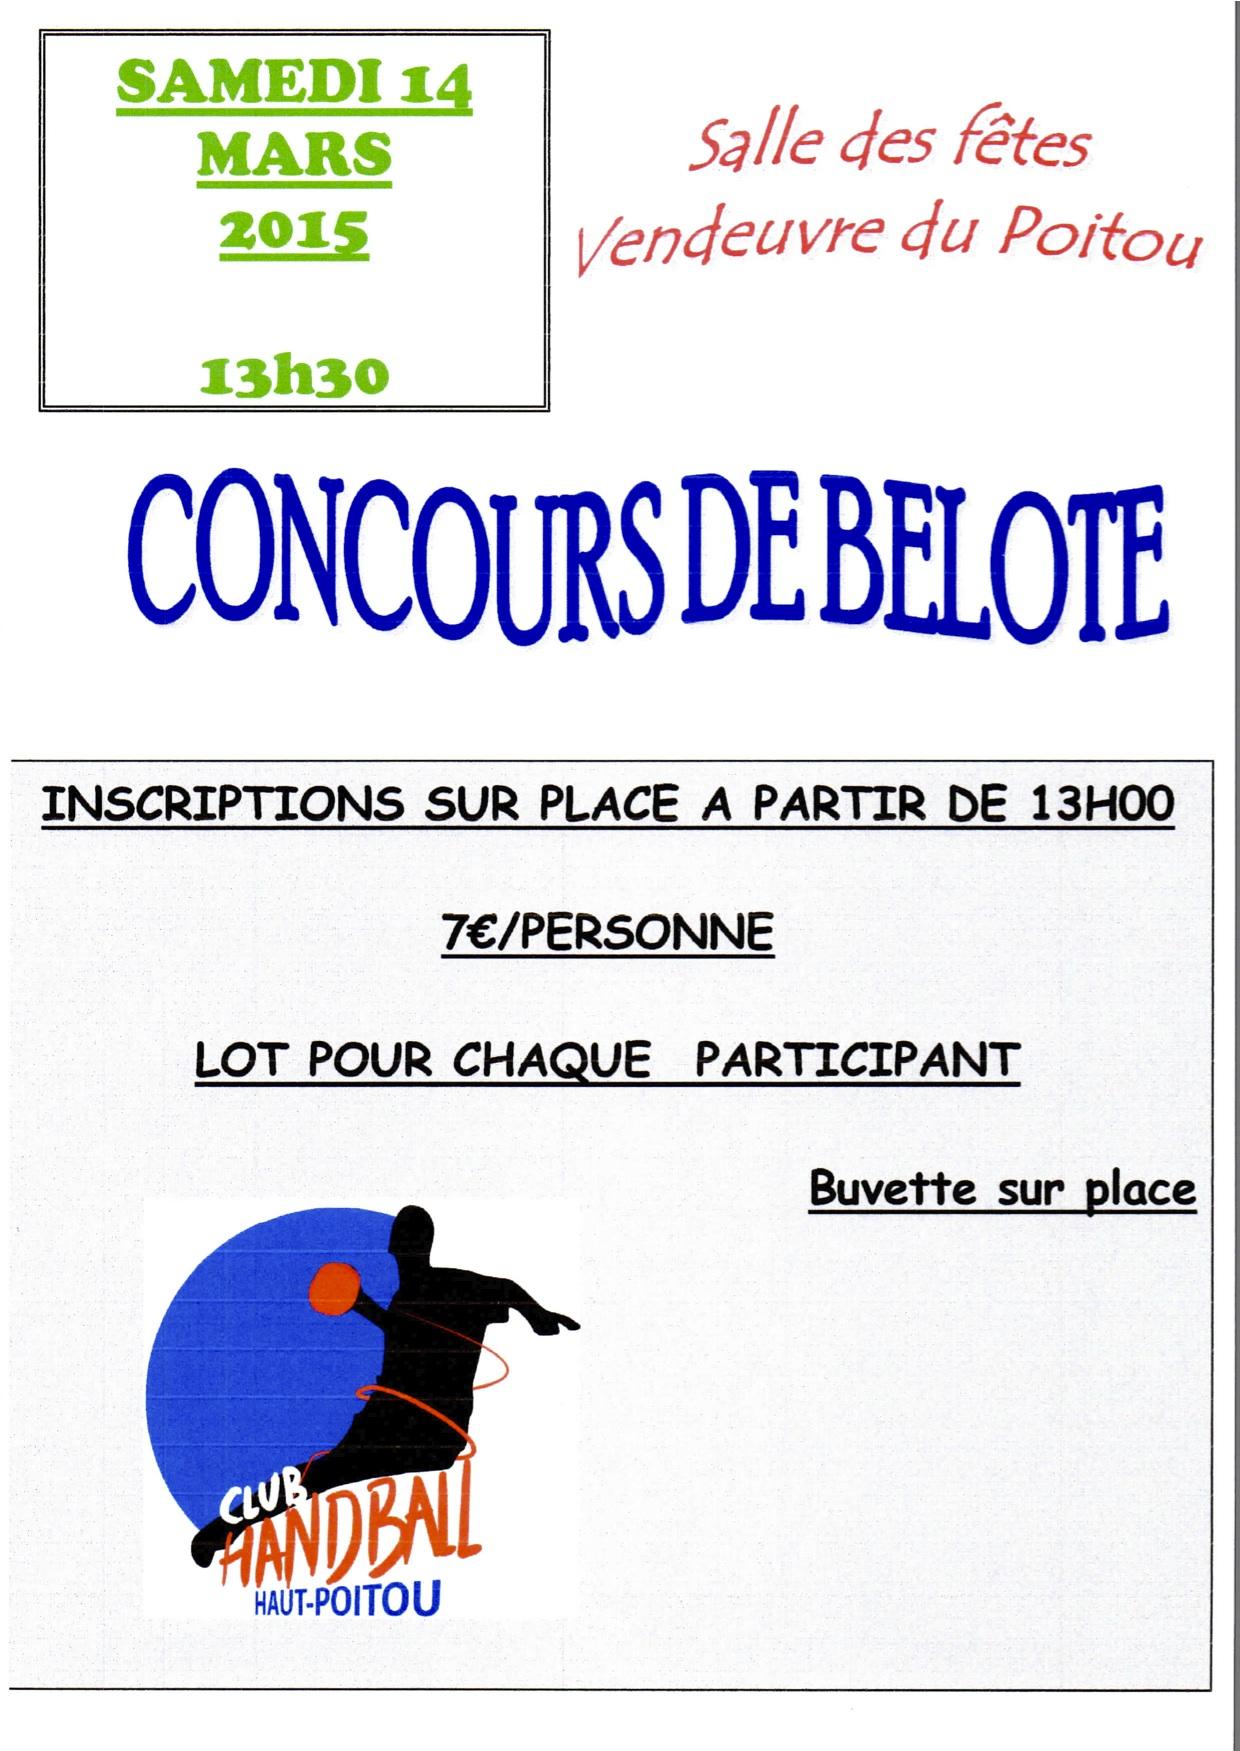 Concours de belote 14 mars 2015